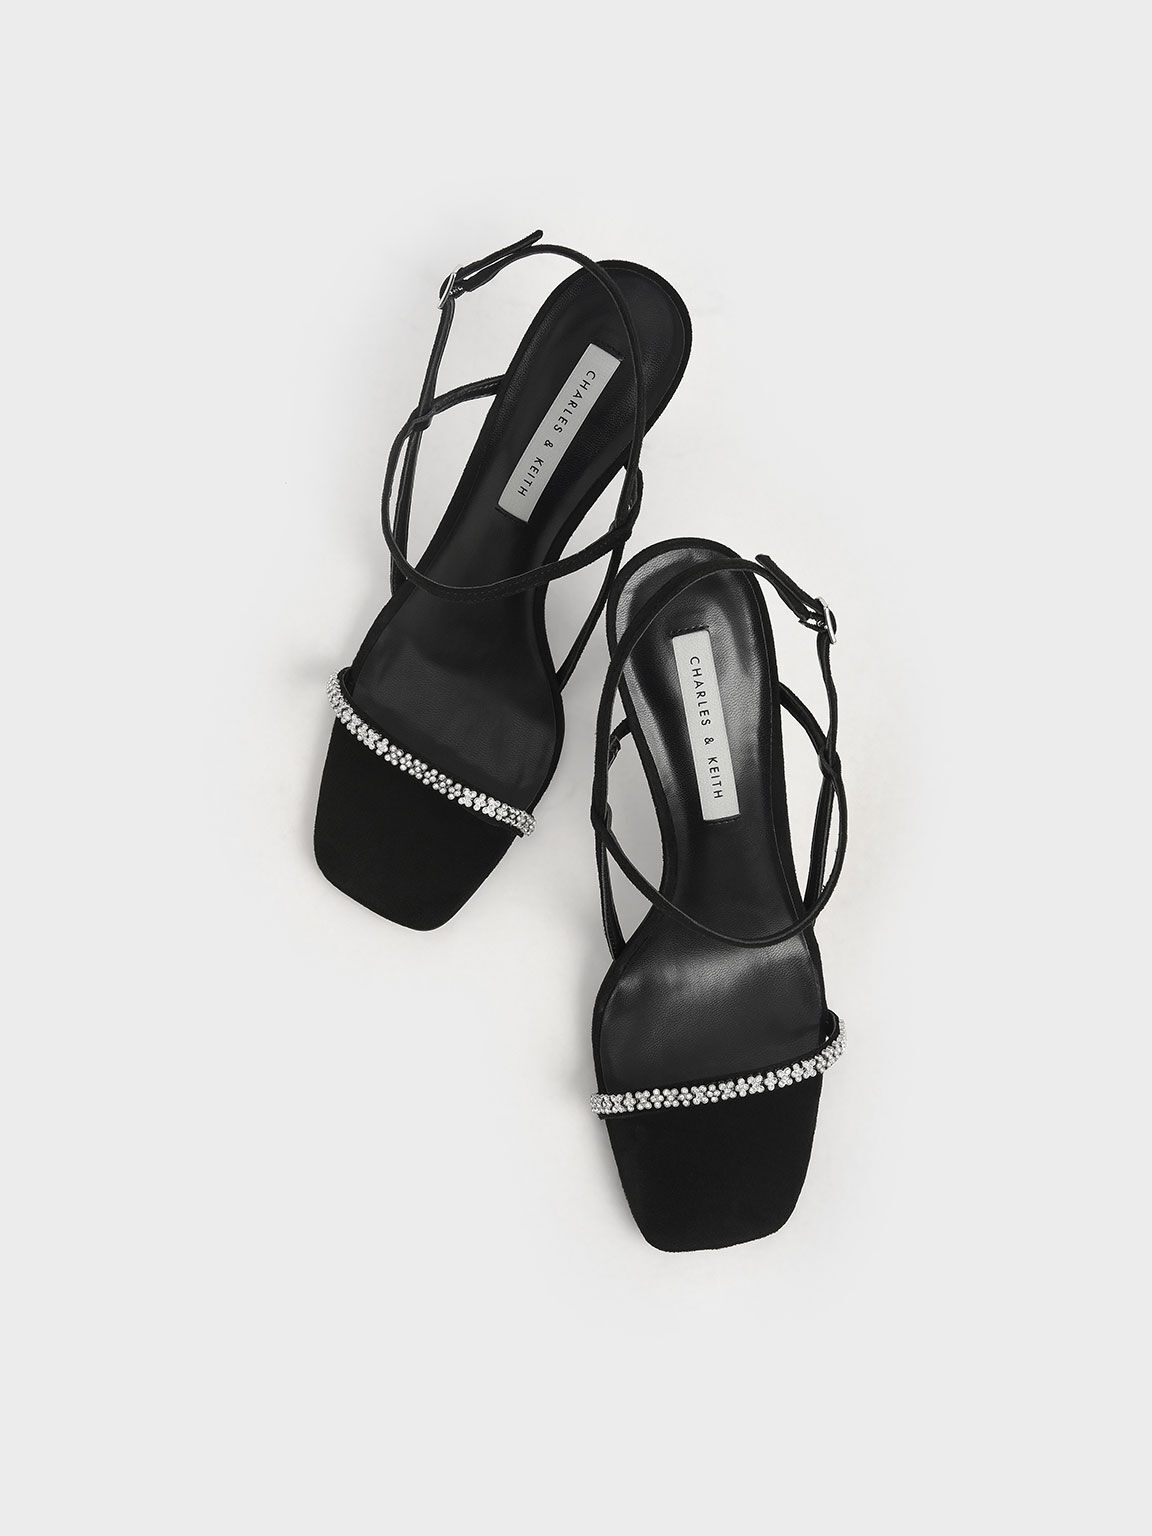 Textured Gem-Embellished Strappy Sandals, Black, hi-res